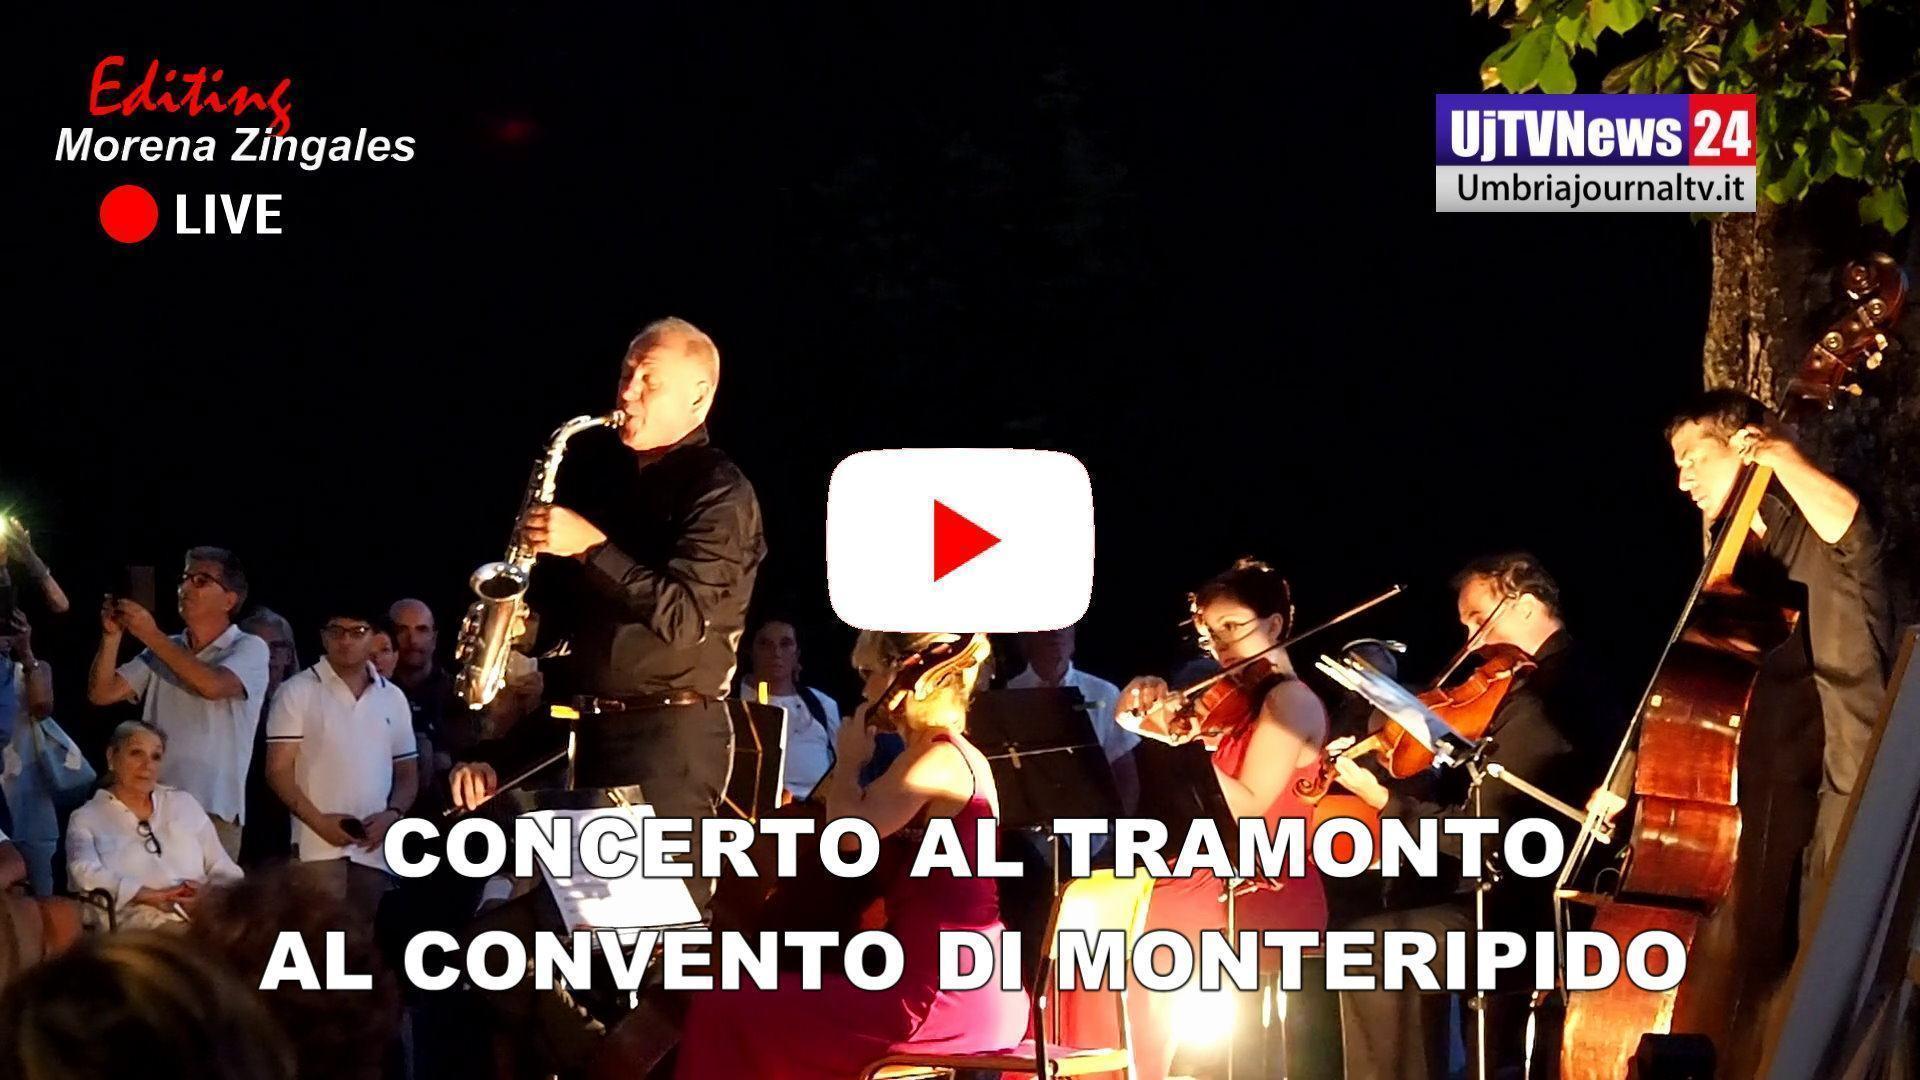 Concerto al tramonto al convento di Monteripido a Perugia, UmbriaEnsamble